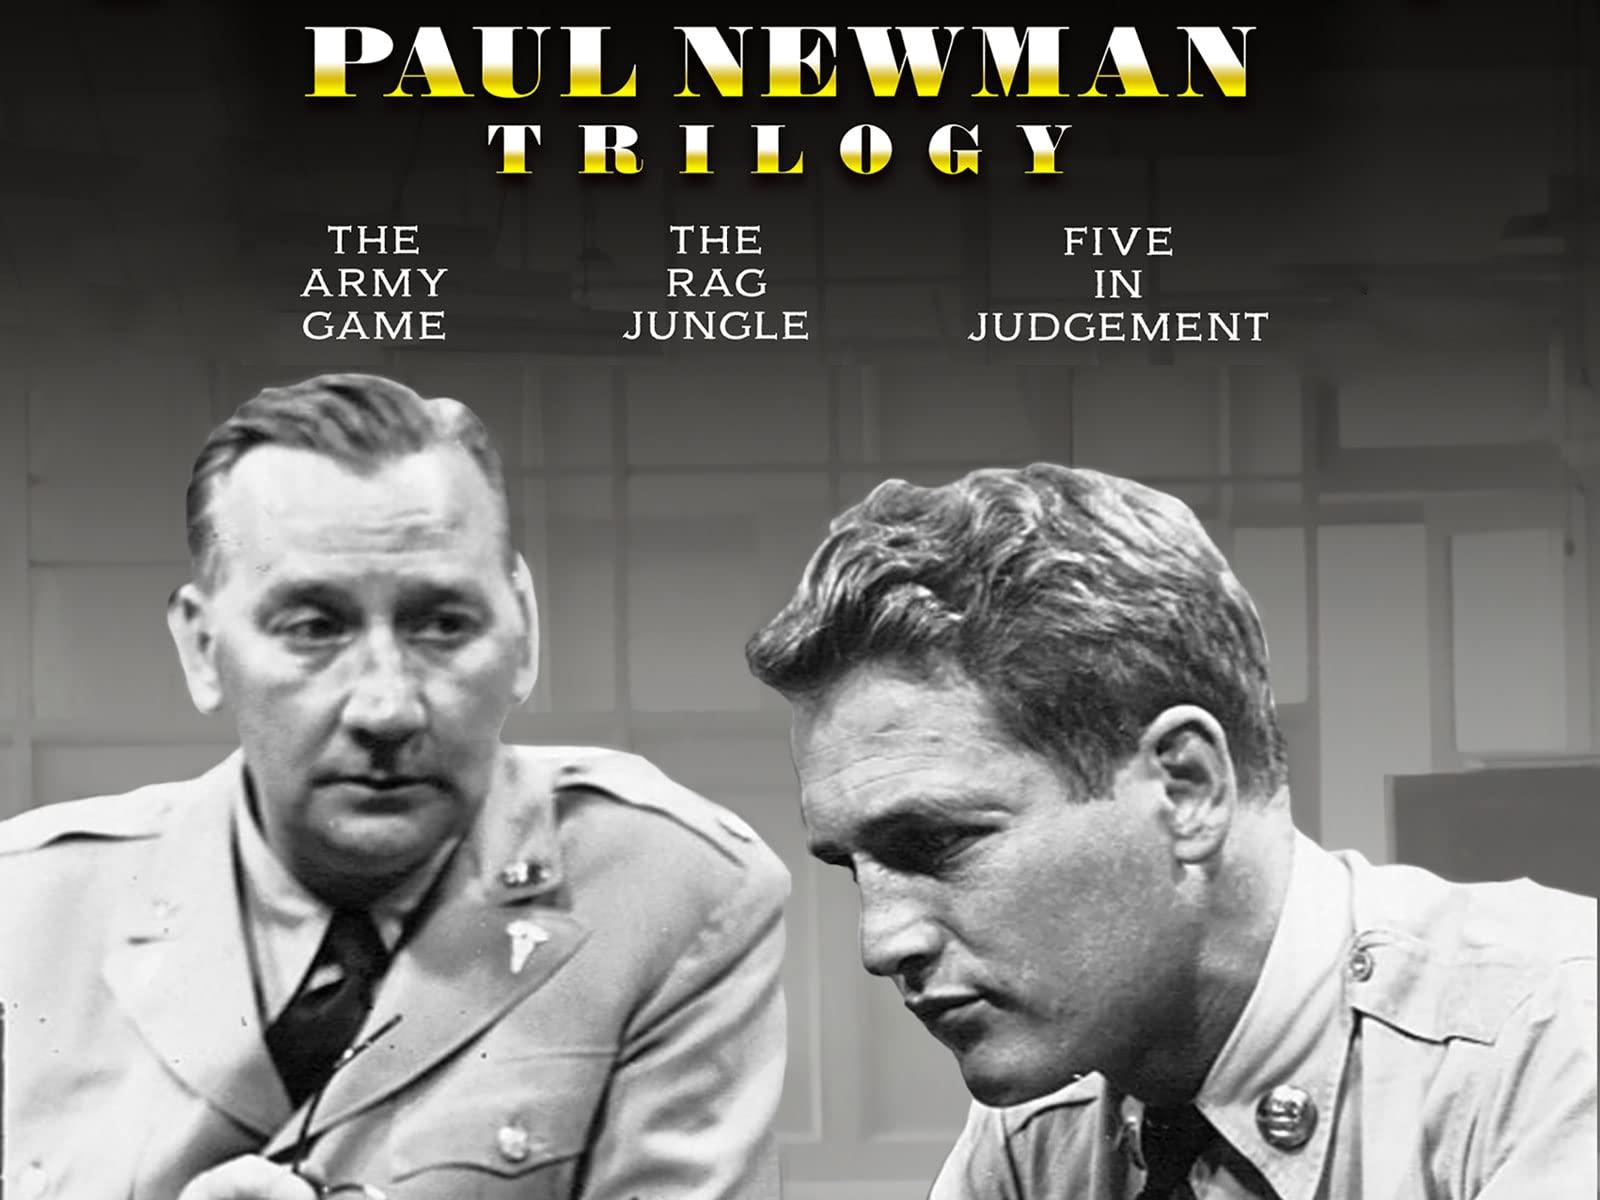 Paul Newman Trilogy - Season 1